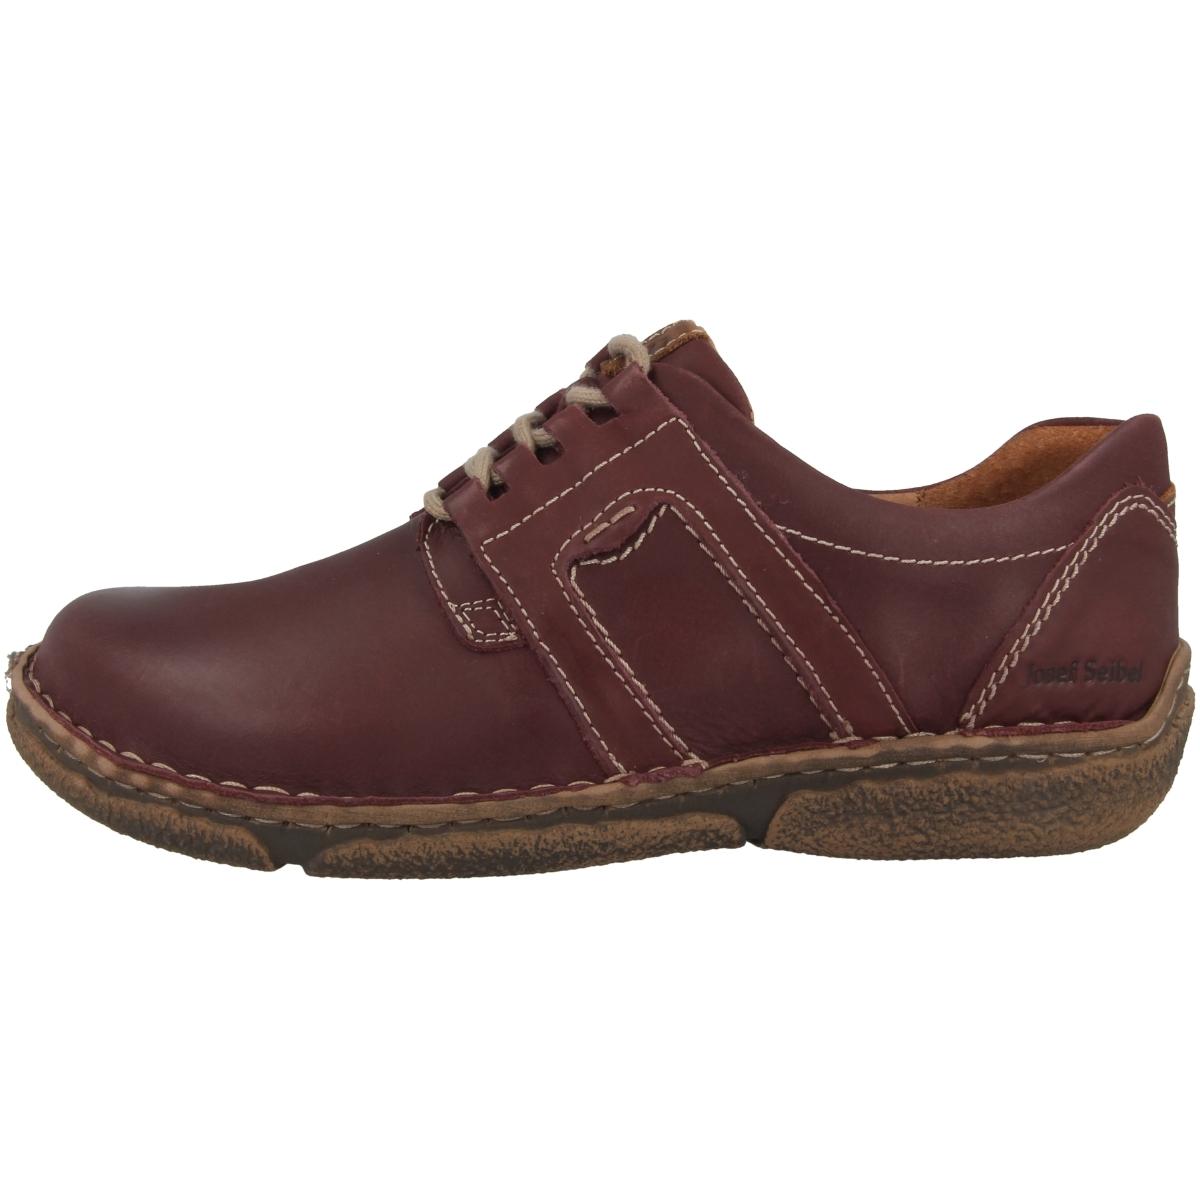 Josef Seibel Neele 44 Schuhe Damen Freizeit Halbschuhe Sneaker 85144-950-471